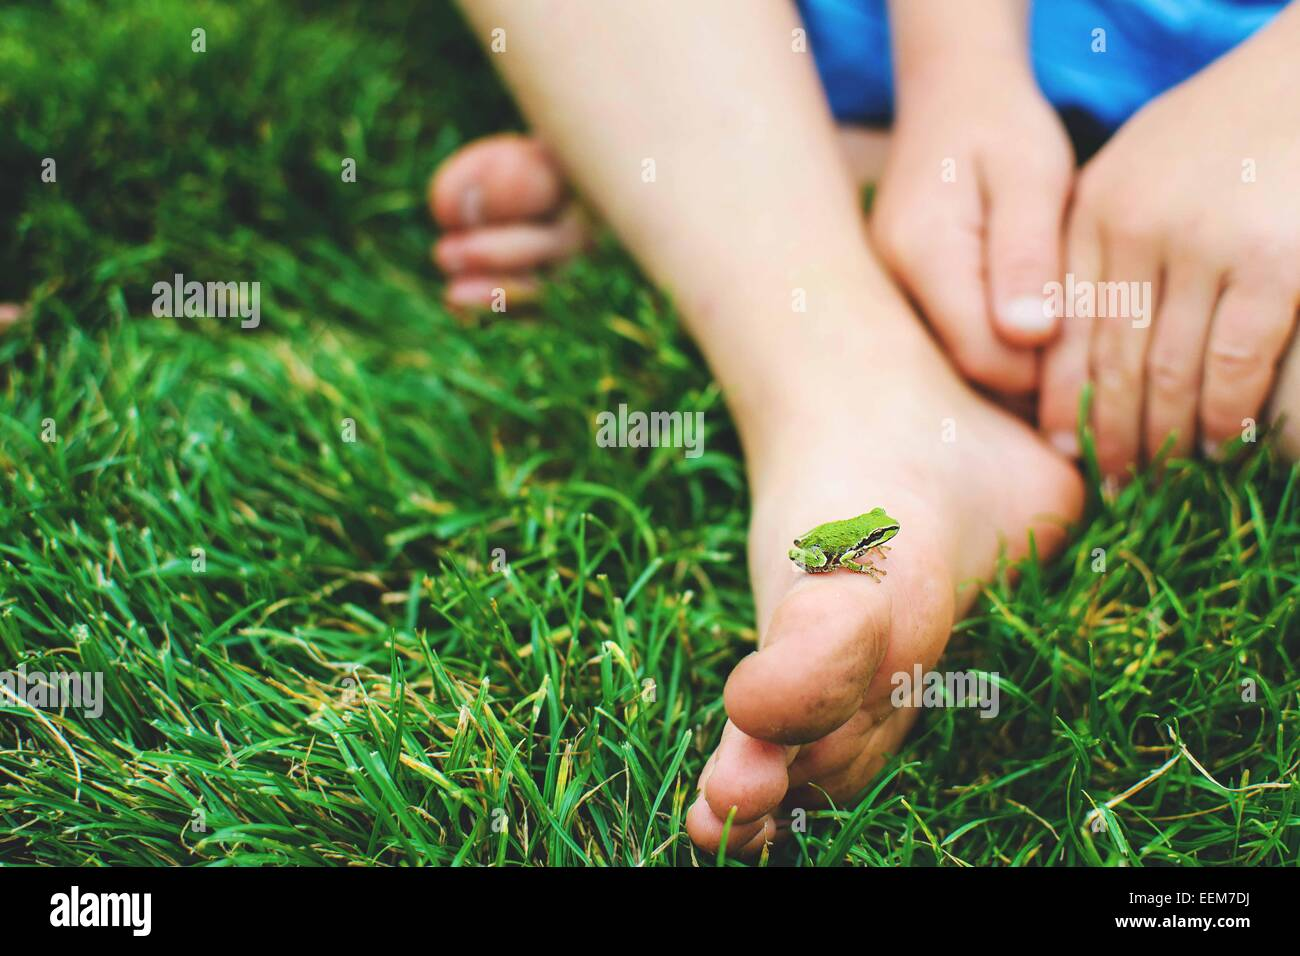 Petite grenouille sur l'enfant (4-5) foot Photo Stock